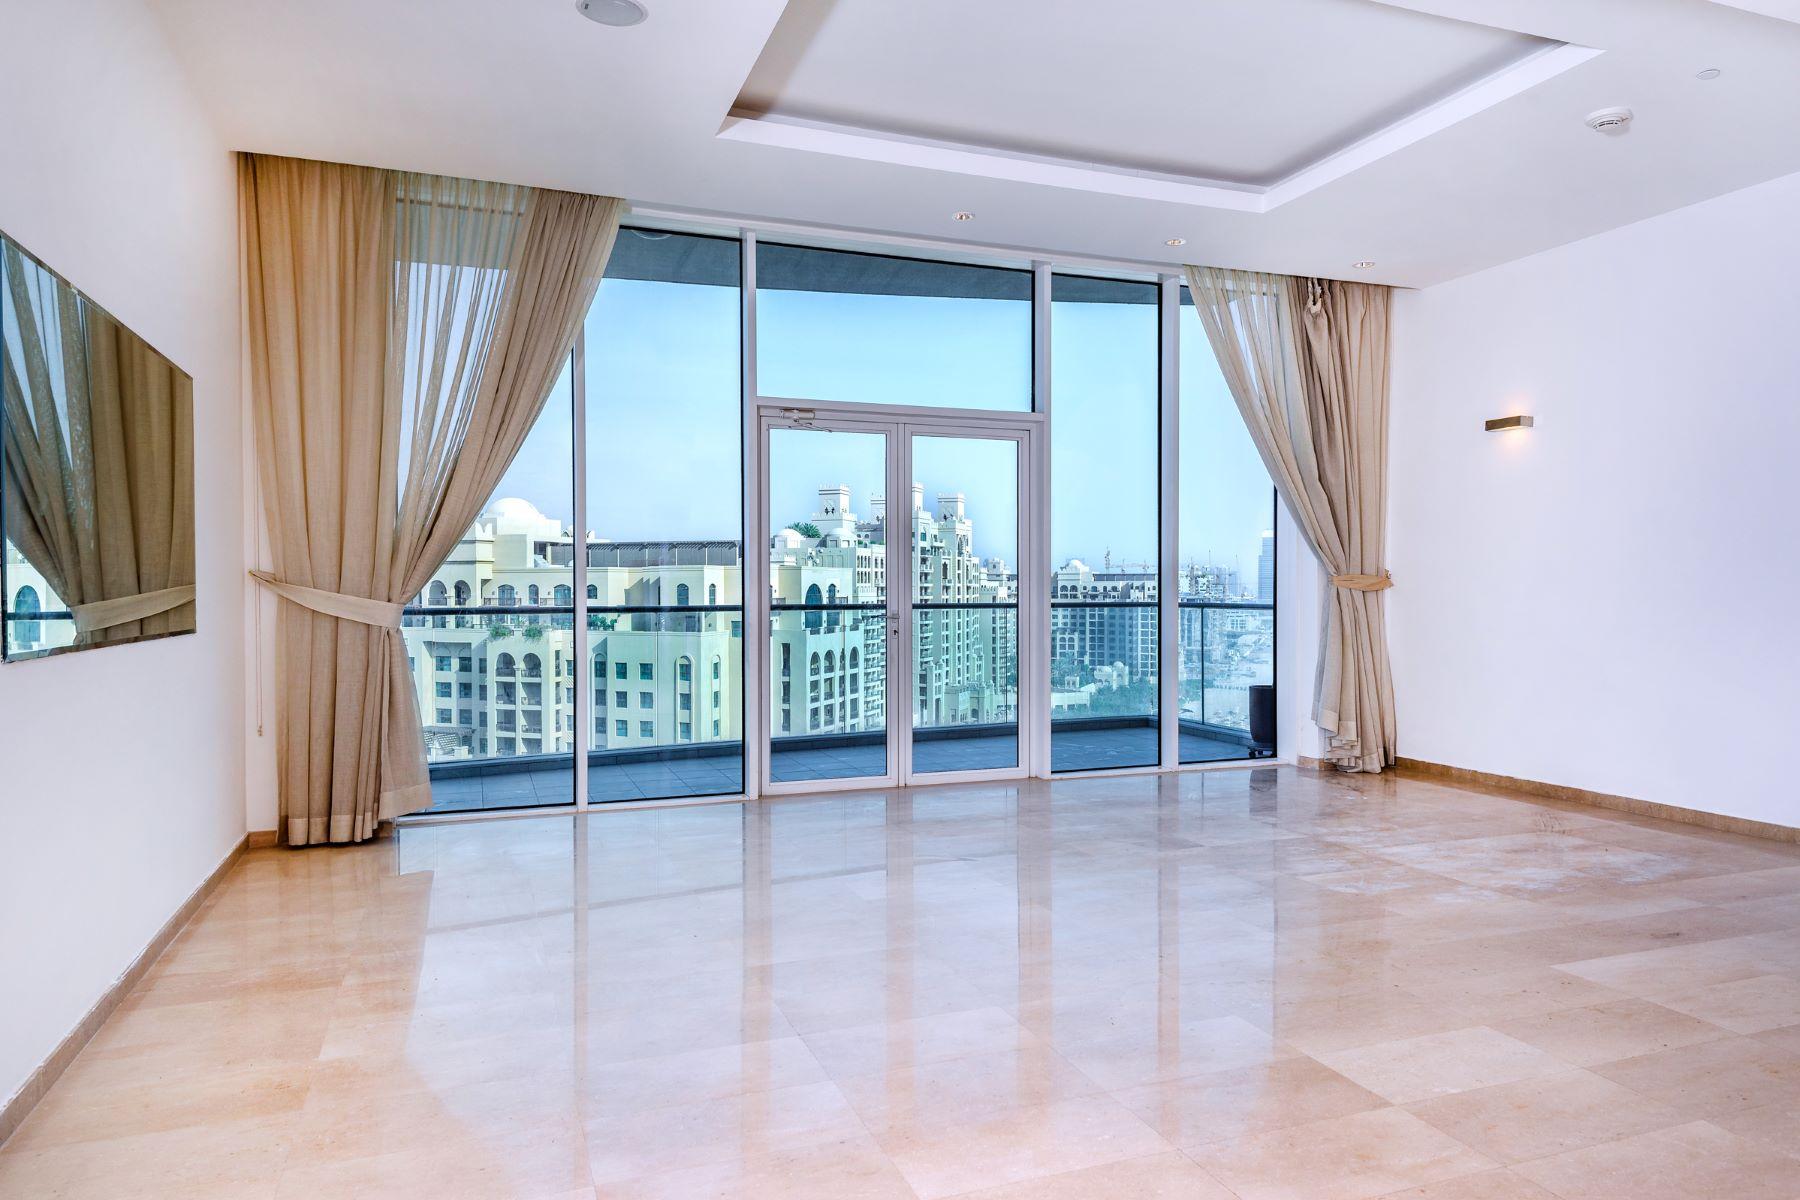 Propiedad en venta Dubai